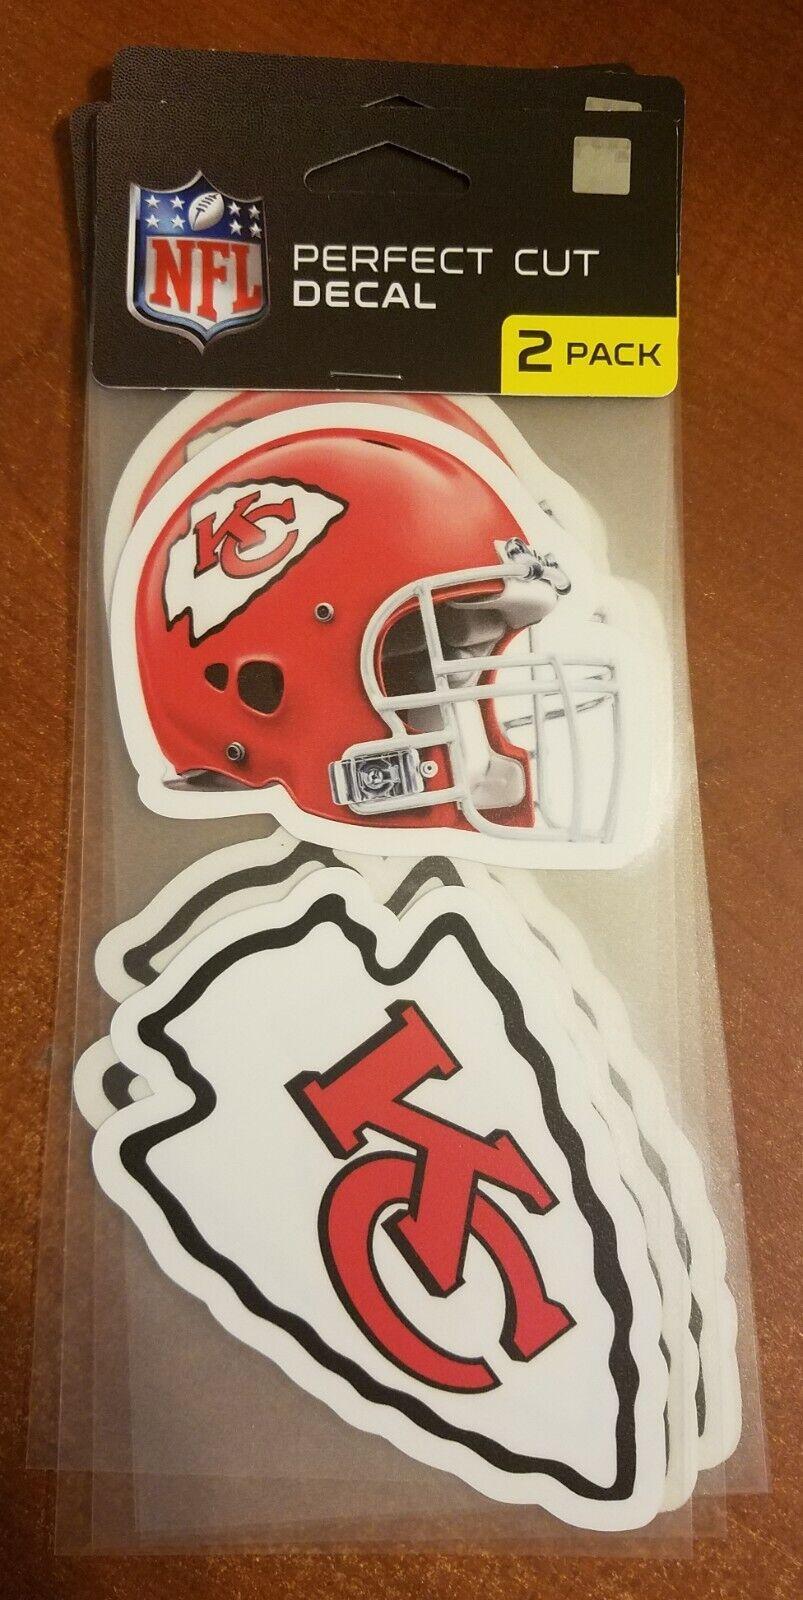 Kansas City KC Chiefs Wincraft Perfect Cut 4x4 Decal 2 Pack